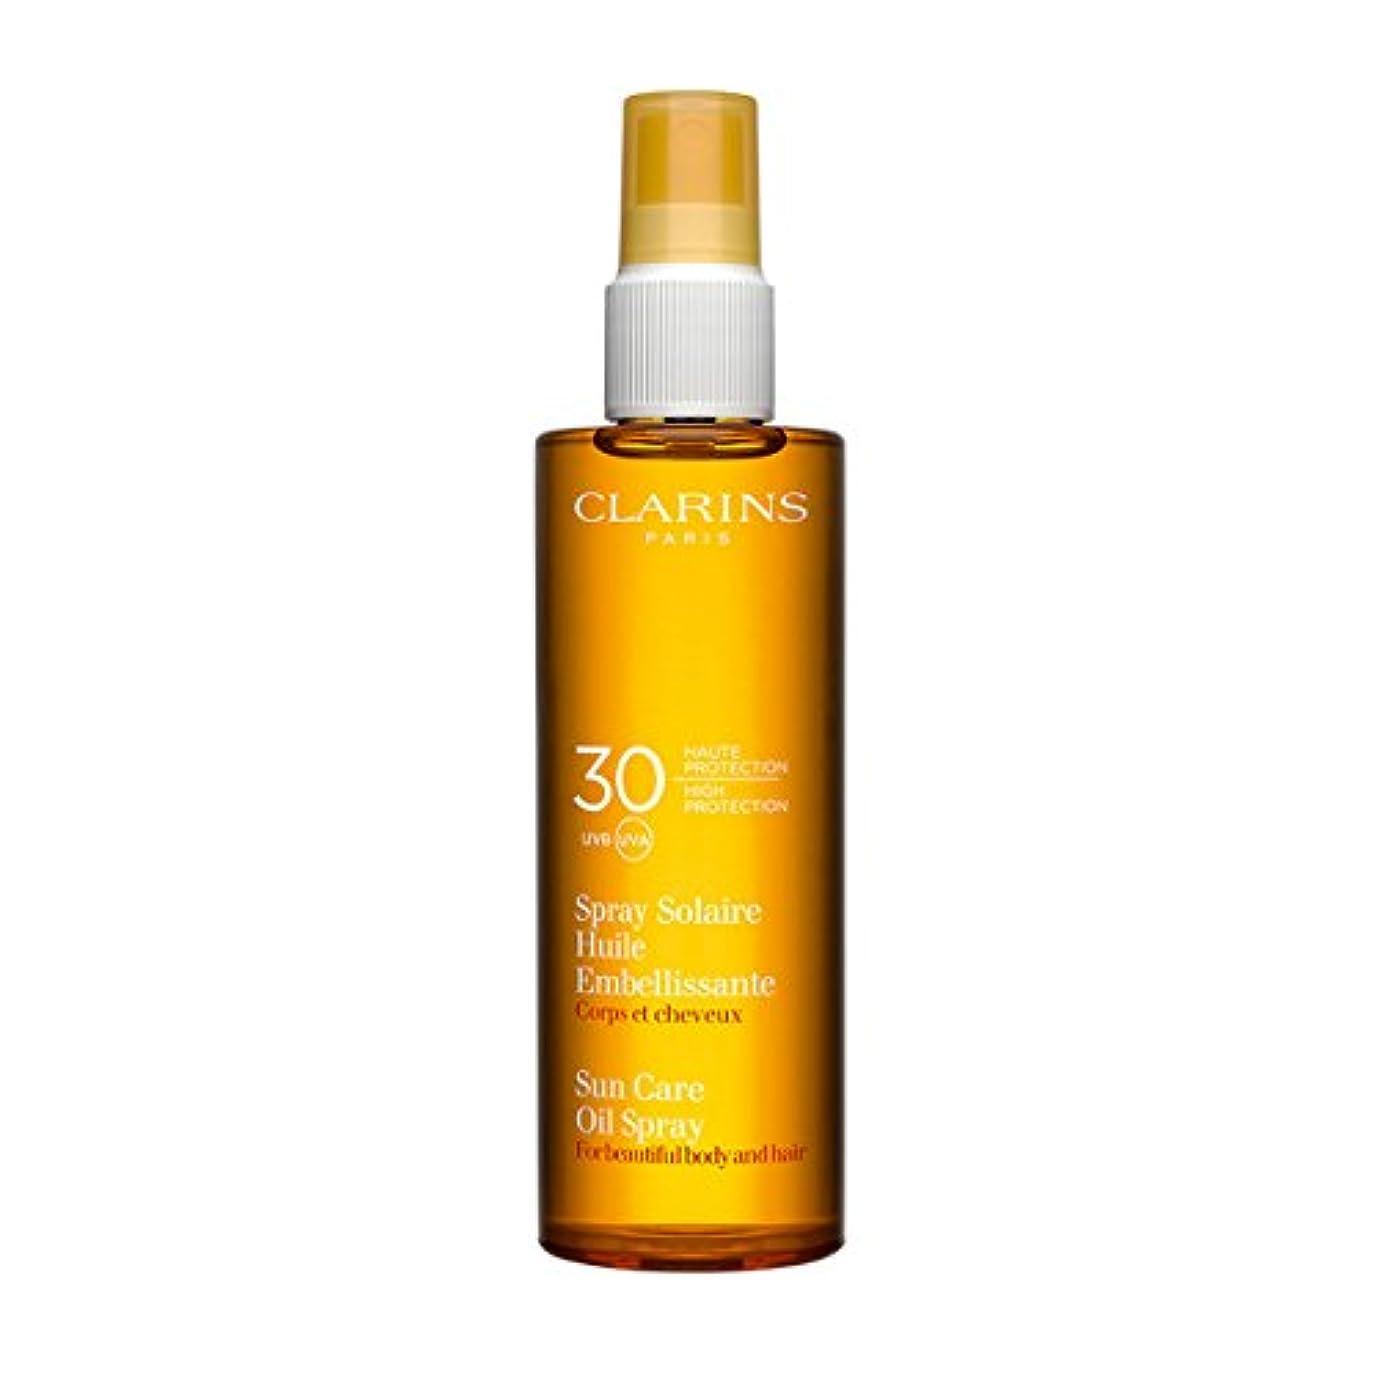 親指抽出重量Clarins Sun Care Oil Spray For Beautiful Body and Hair Spf30 150ml [並行輸入品]